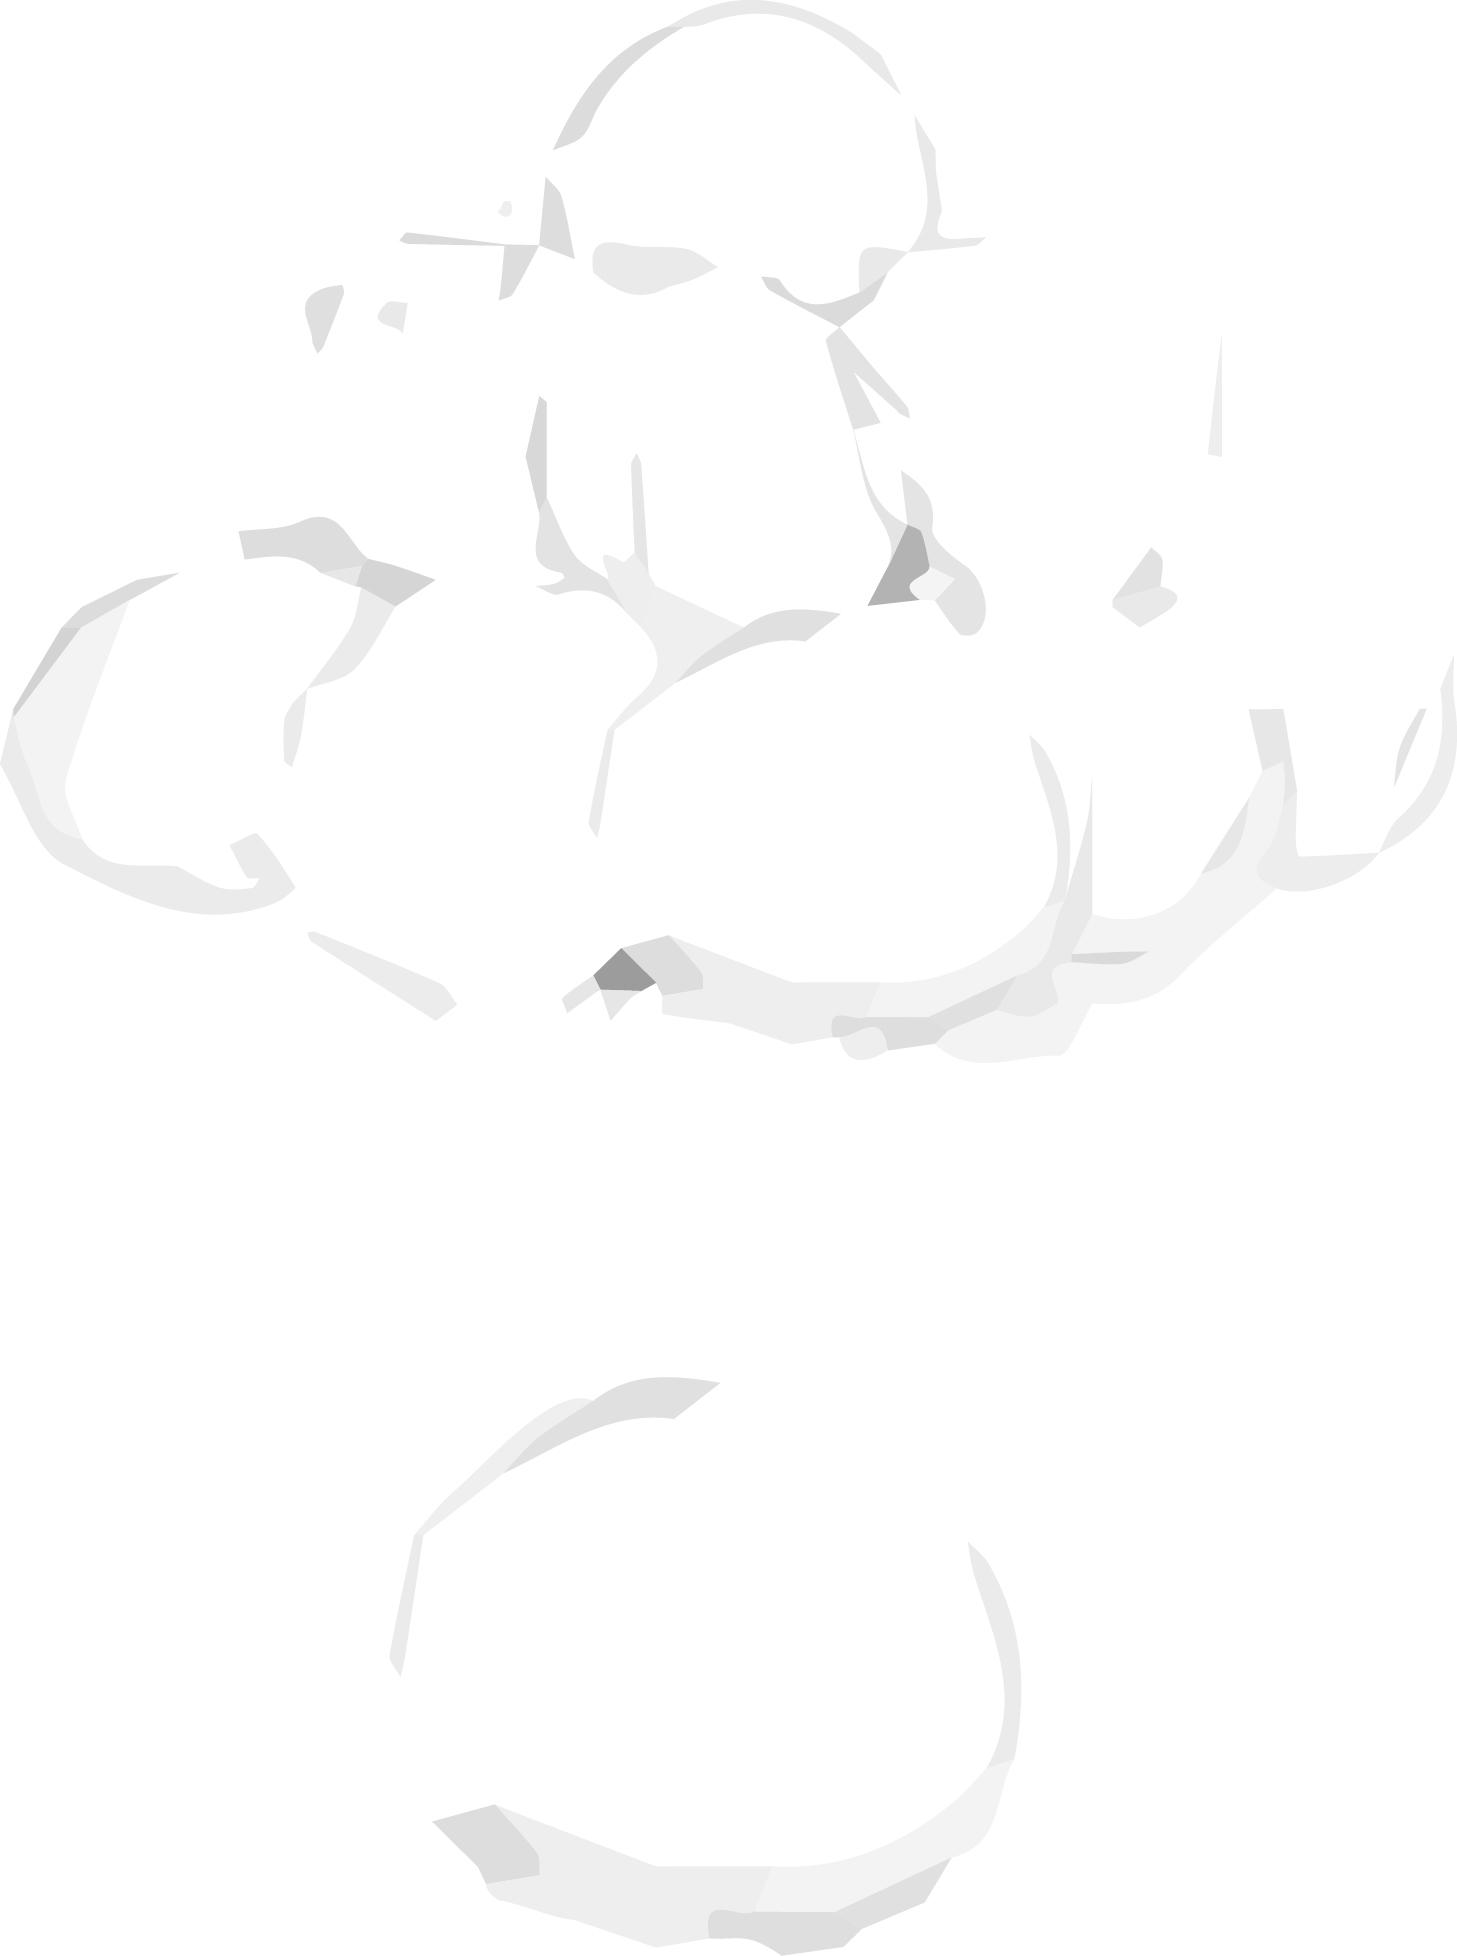 Dessins de Thierry Boutonnier  14 boules de neiges en verre massif façon au ferret. 10cm de diamères environs. 40cmx 40cmx40cm 2018 Lyon